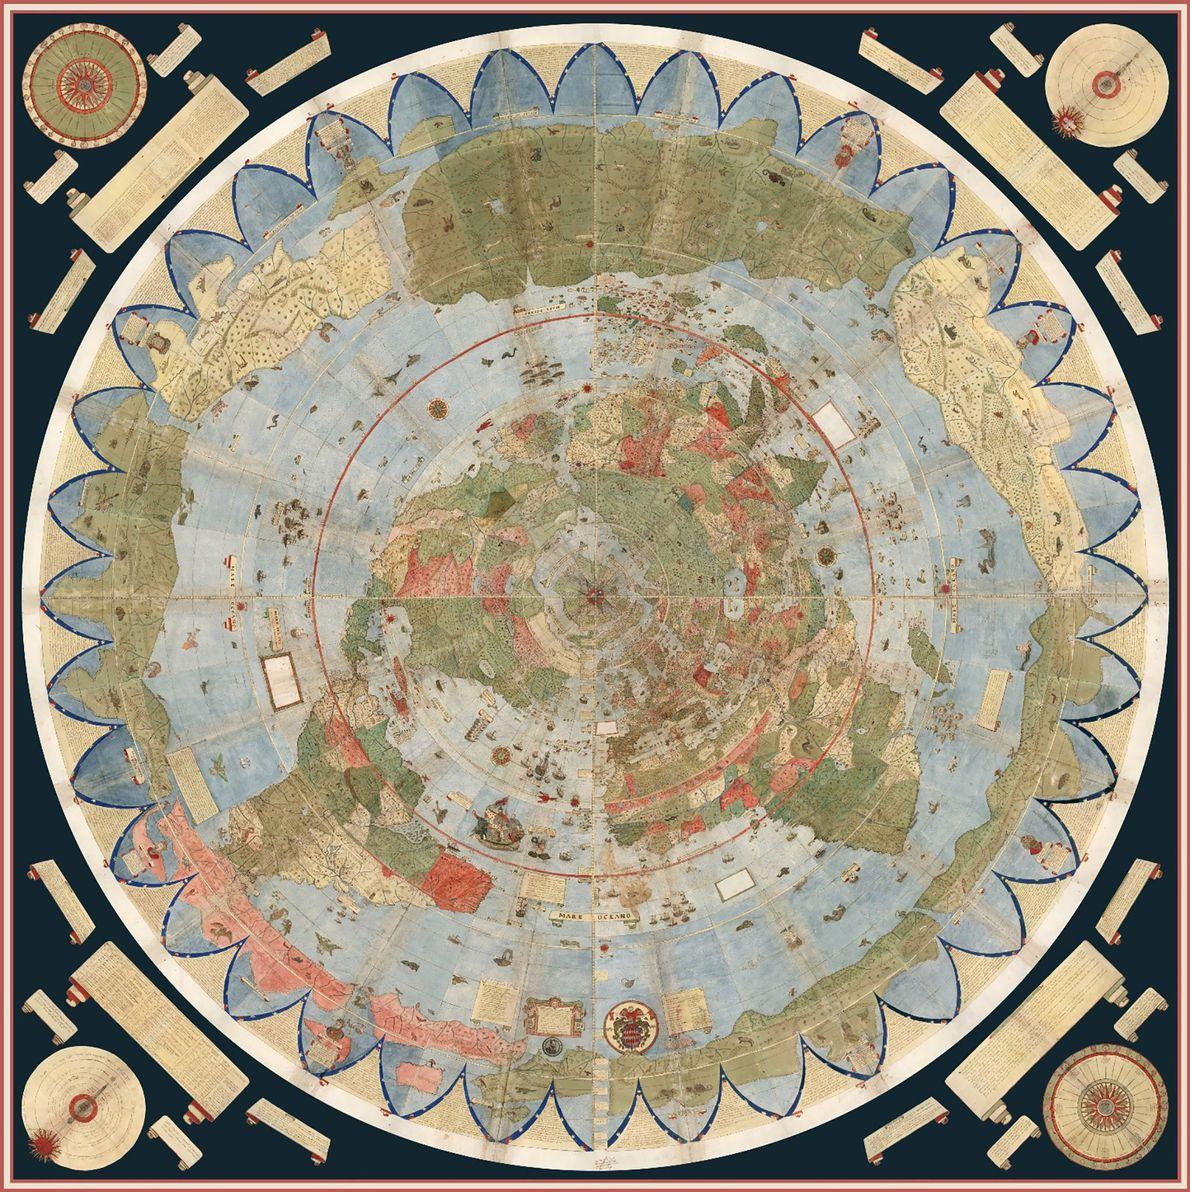 Grande e bizarro! Mapa do mundo feito no século 16 é montado pela primeira vez